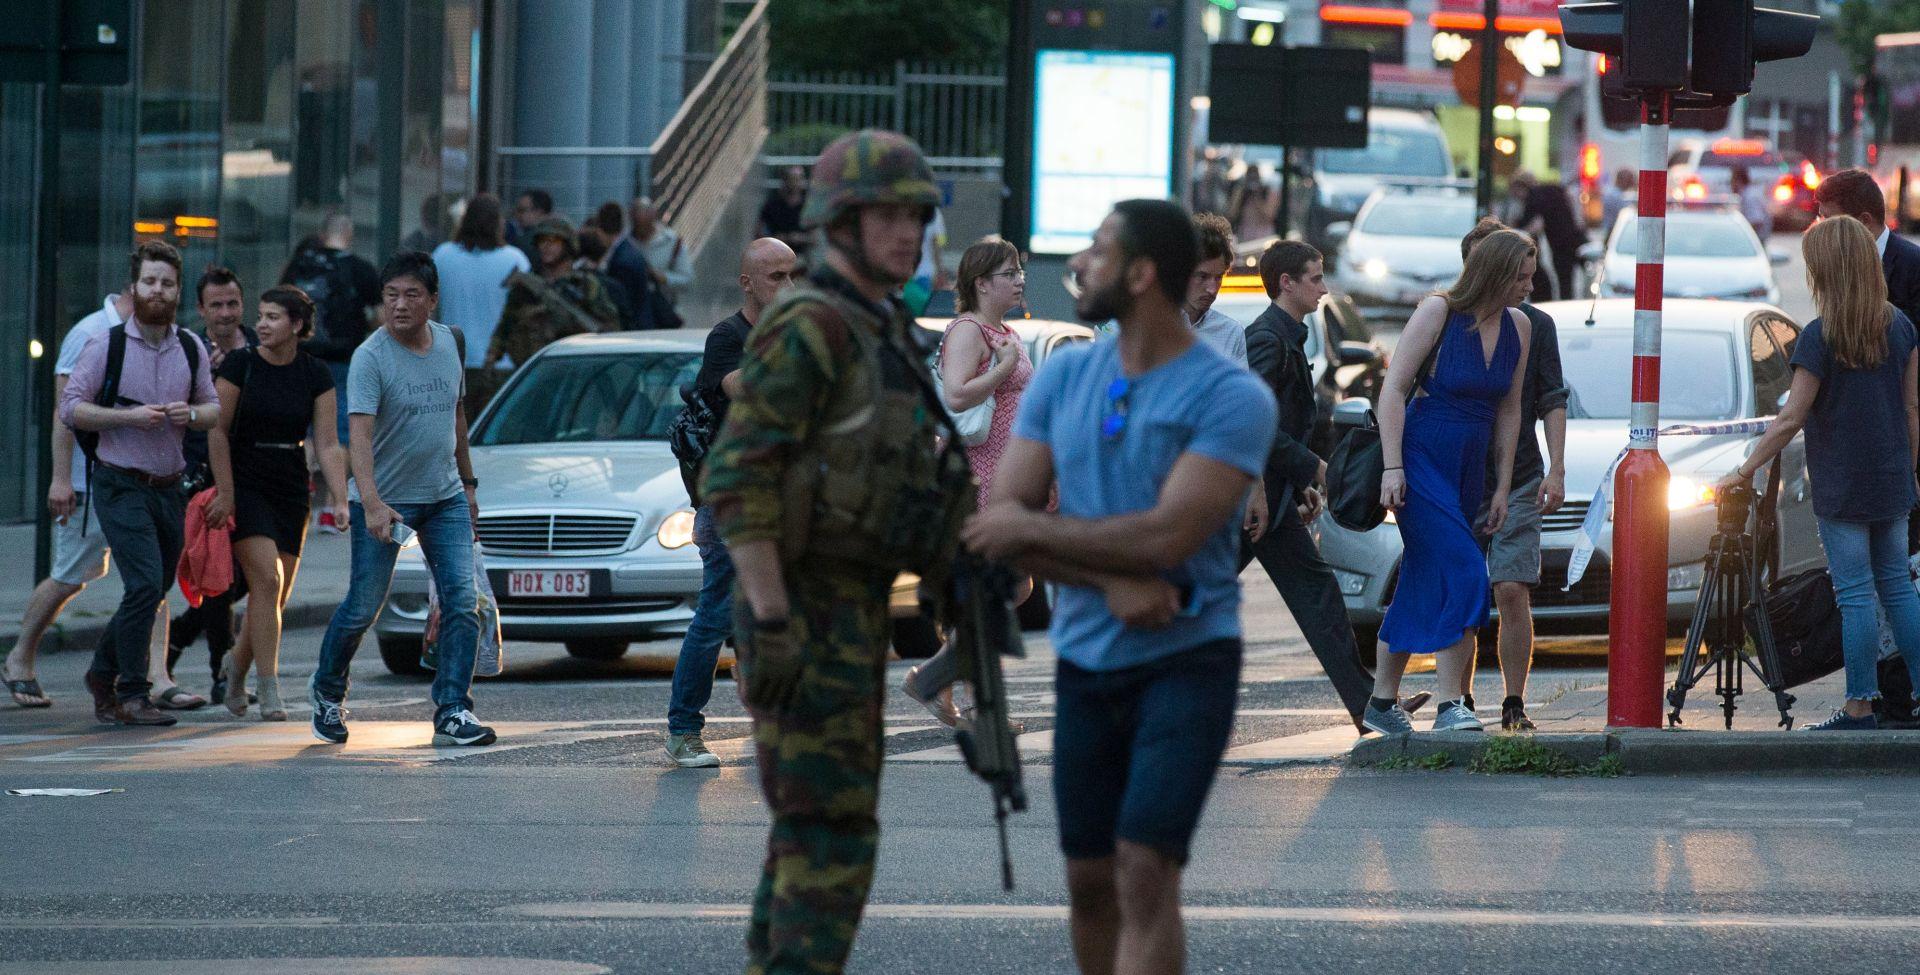 BELGIJA Muškarac se raznio bombom na nogometnom igralištu